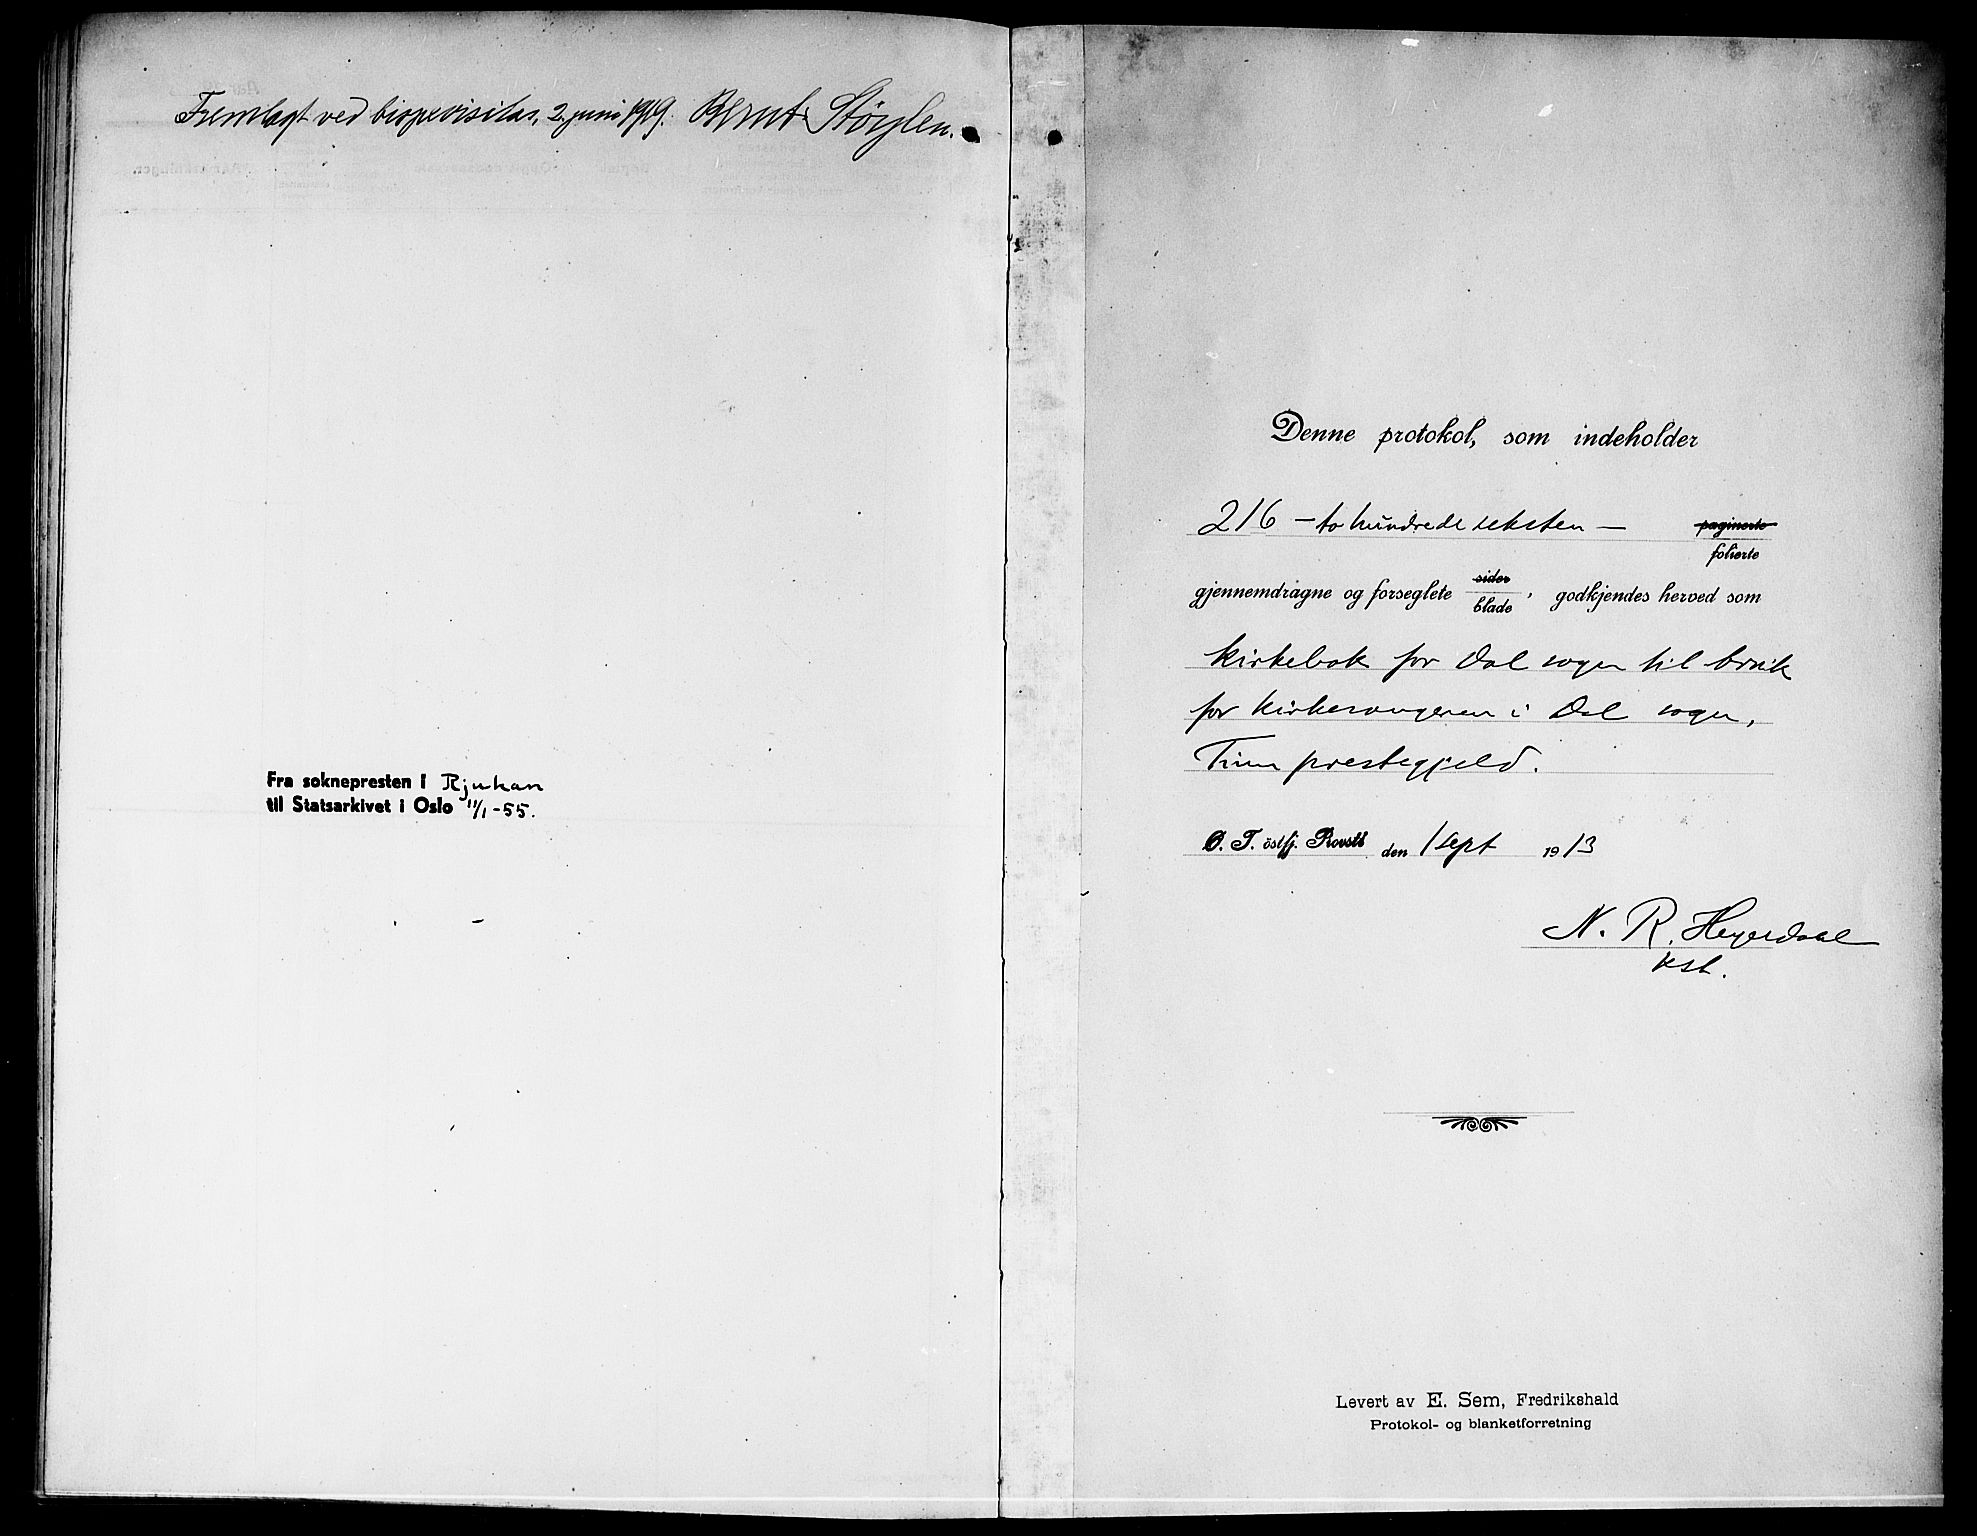 SAKO, Rjukan kirkebøker, G/Ga/L0002: Klokkerbok nr. 2, 1913-1920